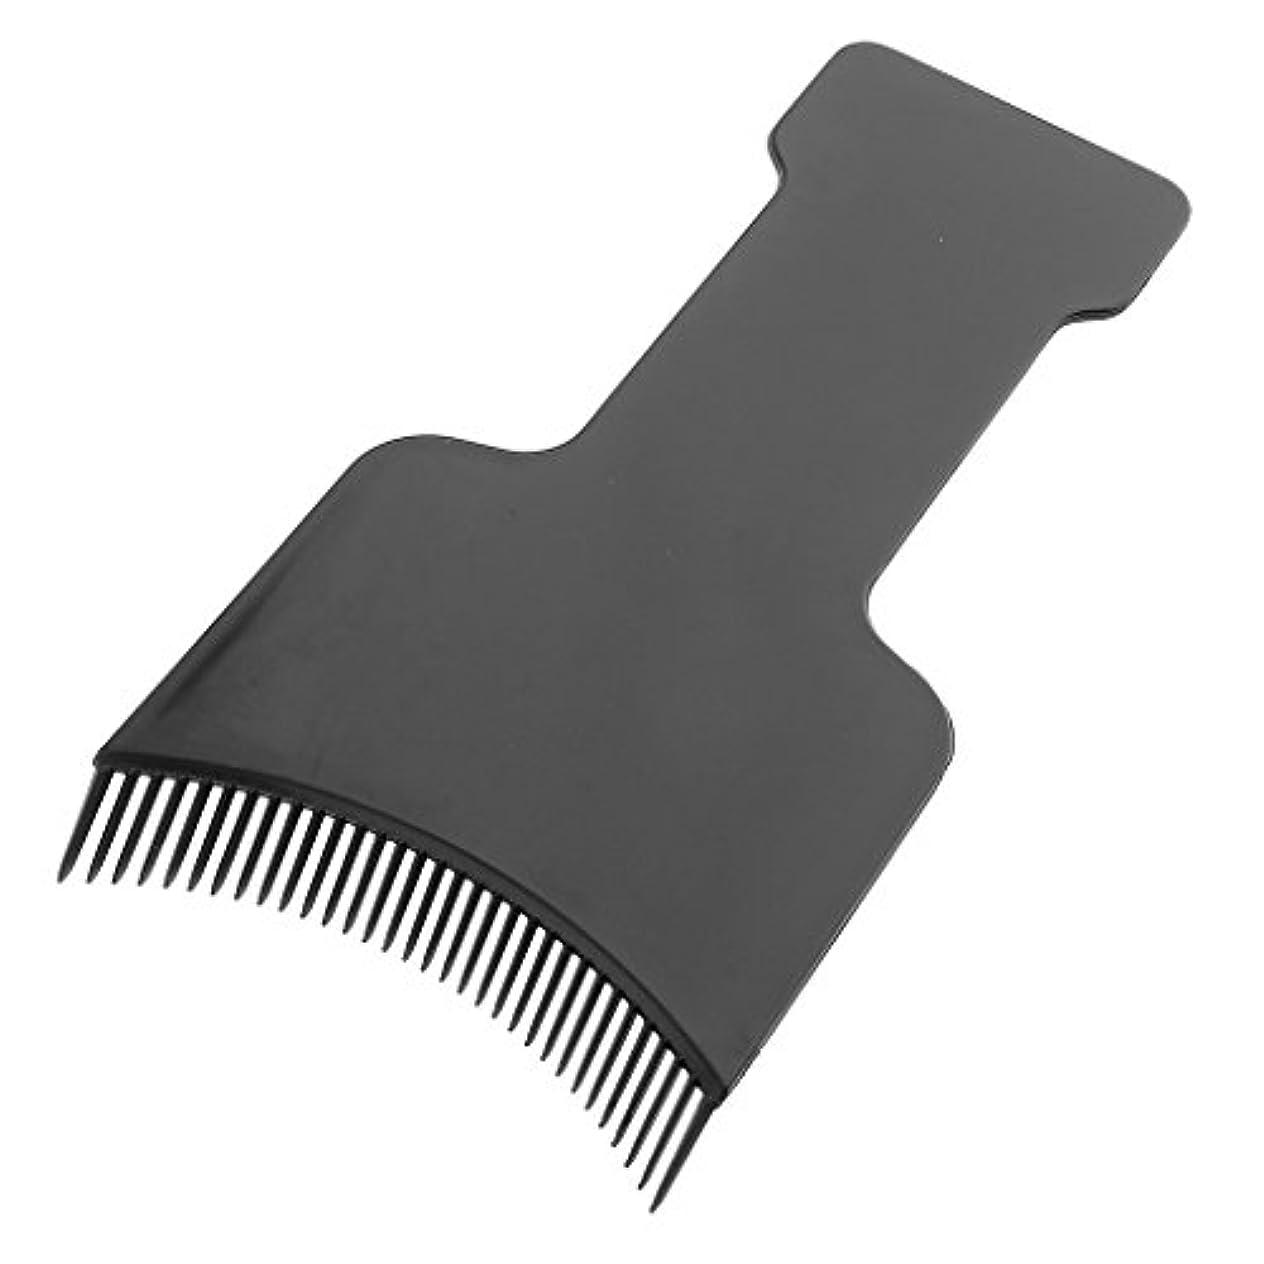 巡礼者奪うカフェテリアPerfeclan ヘアカラーボード サロン ヘアカラー 美容 ヘア ツール 髪 保護 ブラック 全4サイズ - S